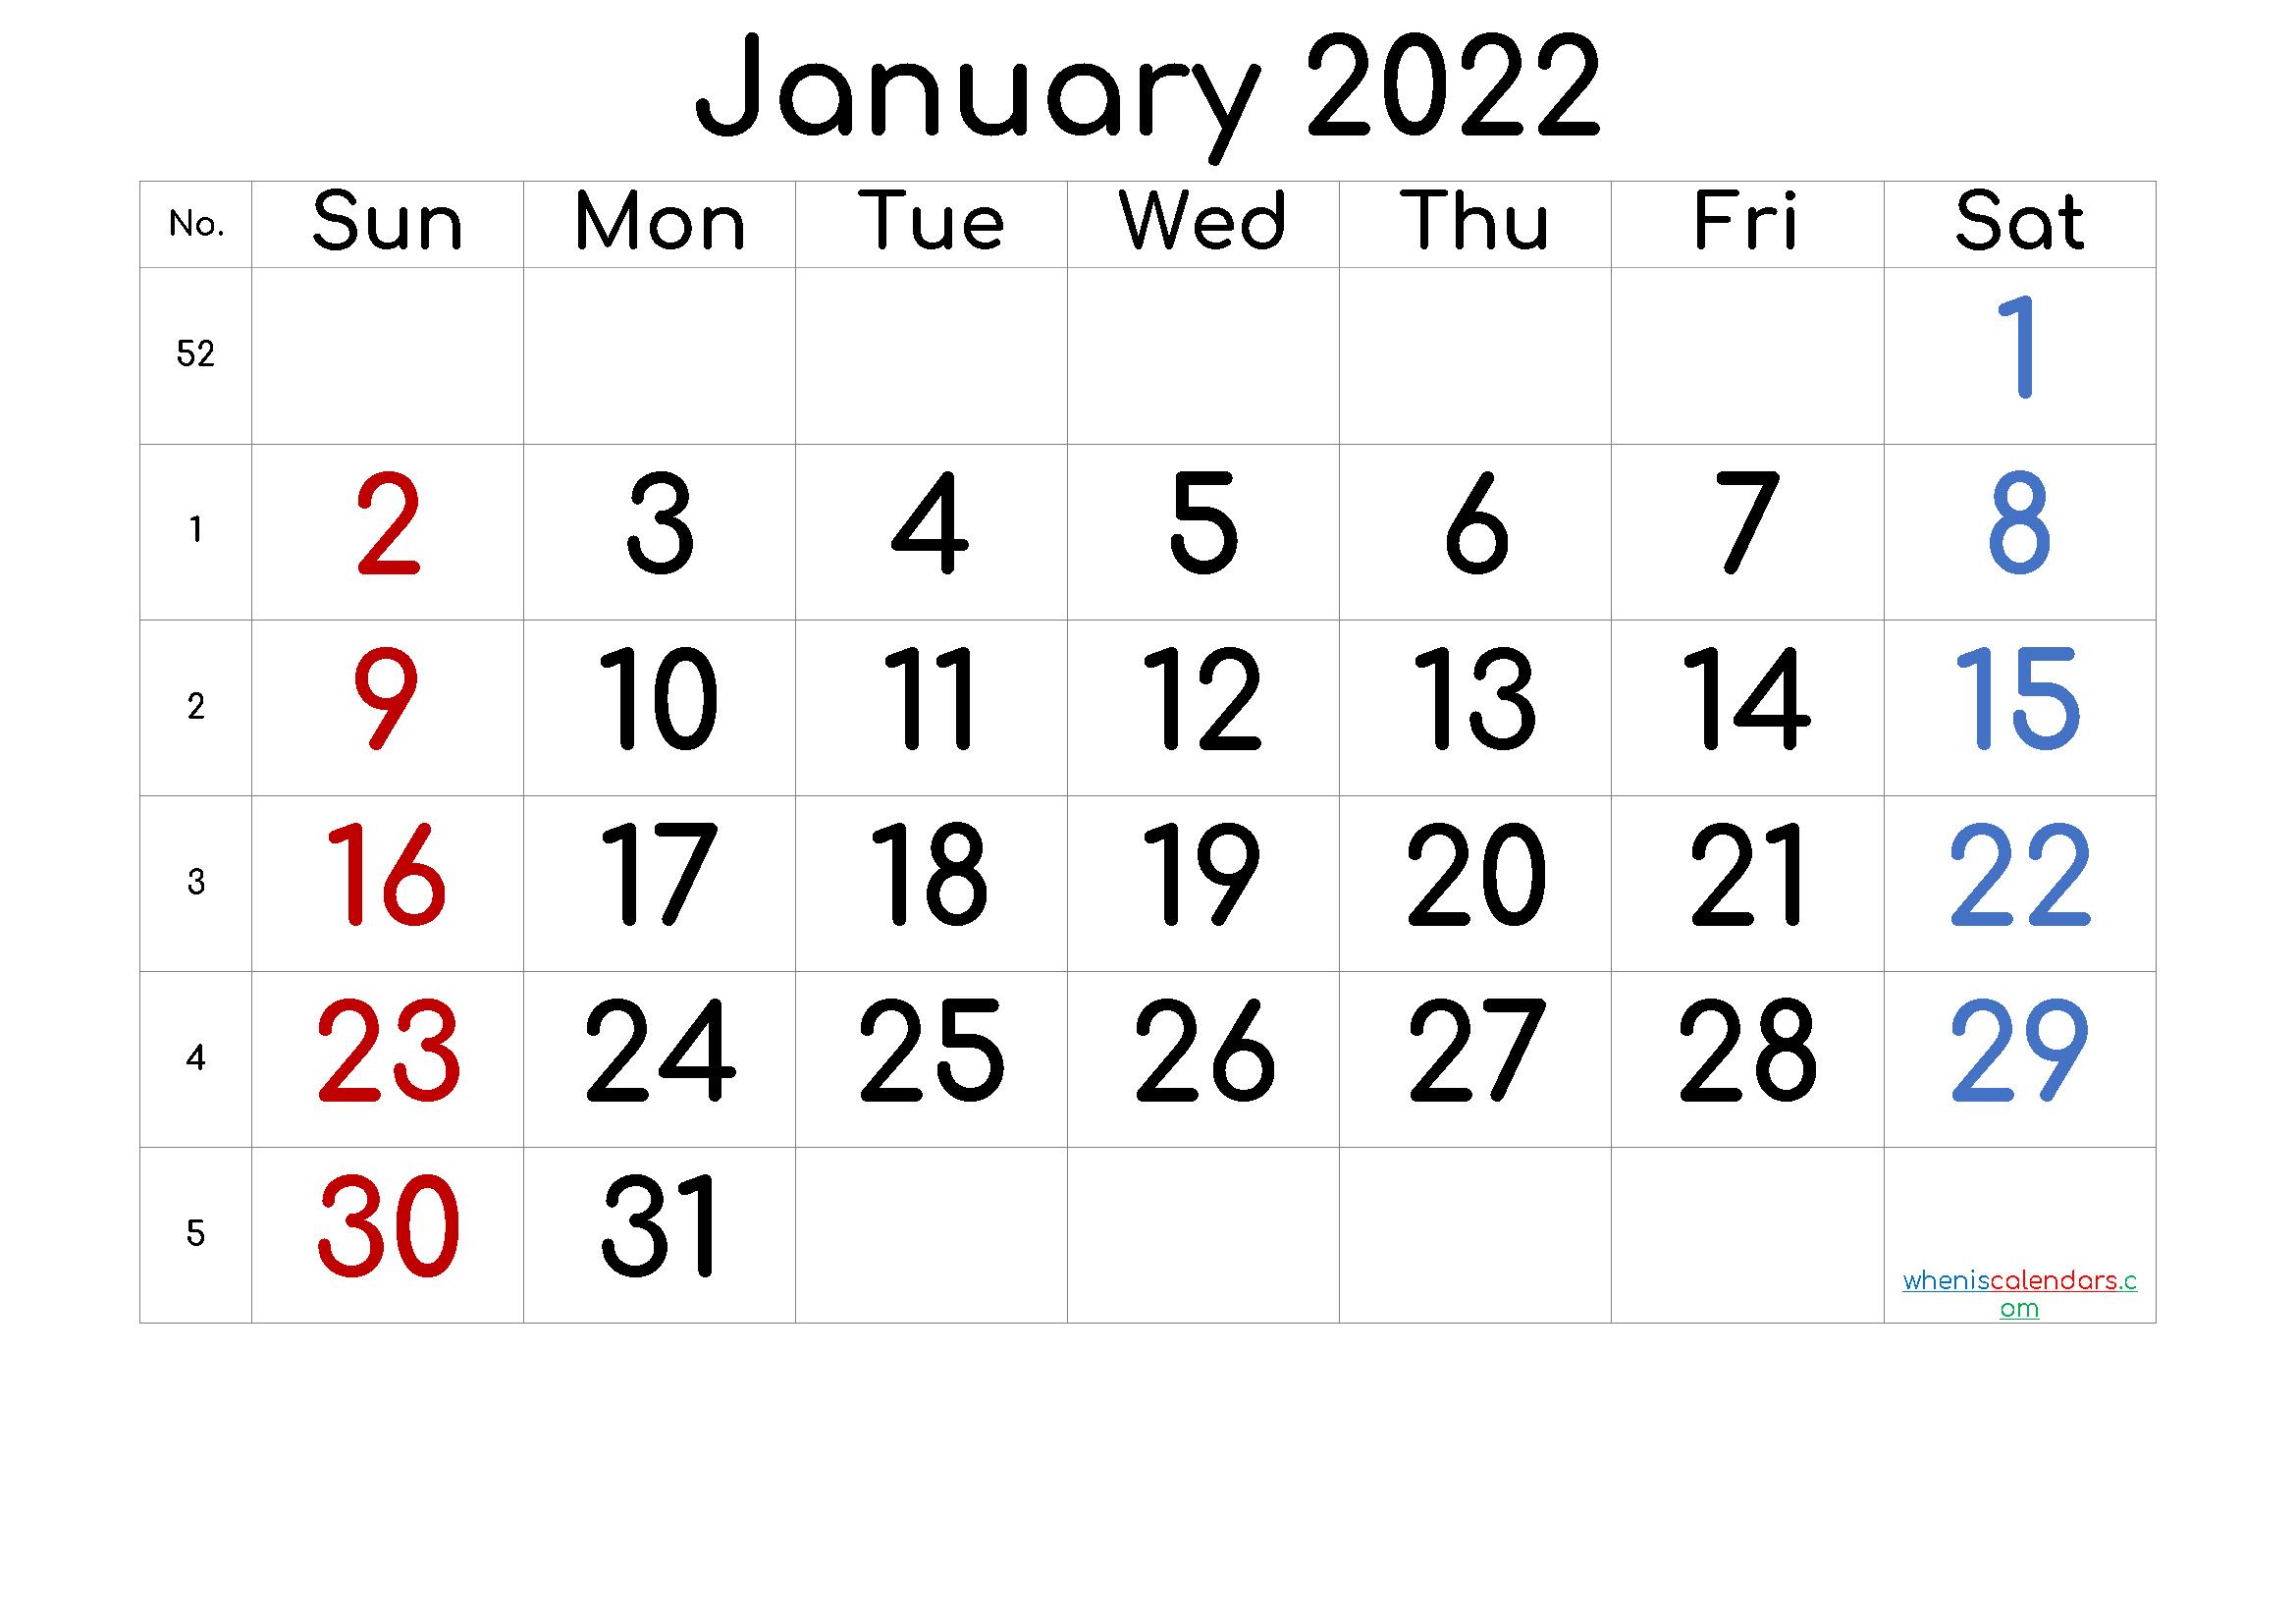 Blank 2022 Monthly Calendar.January 2022 Printable Calendar With Week Numbers Free Premium Printable Calendar Template Calendar Printables Monthly Calendar Printable